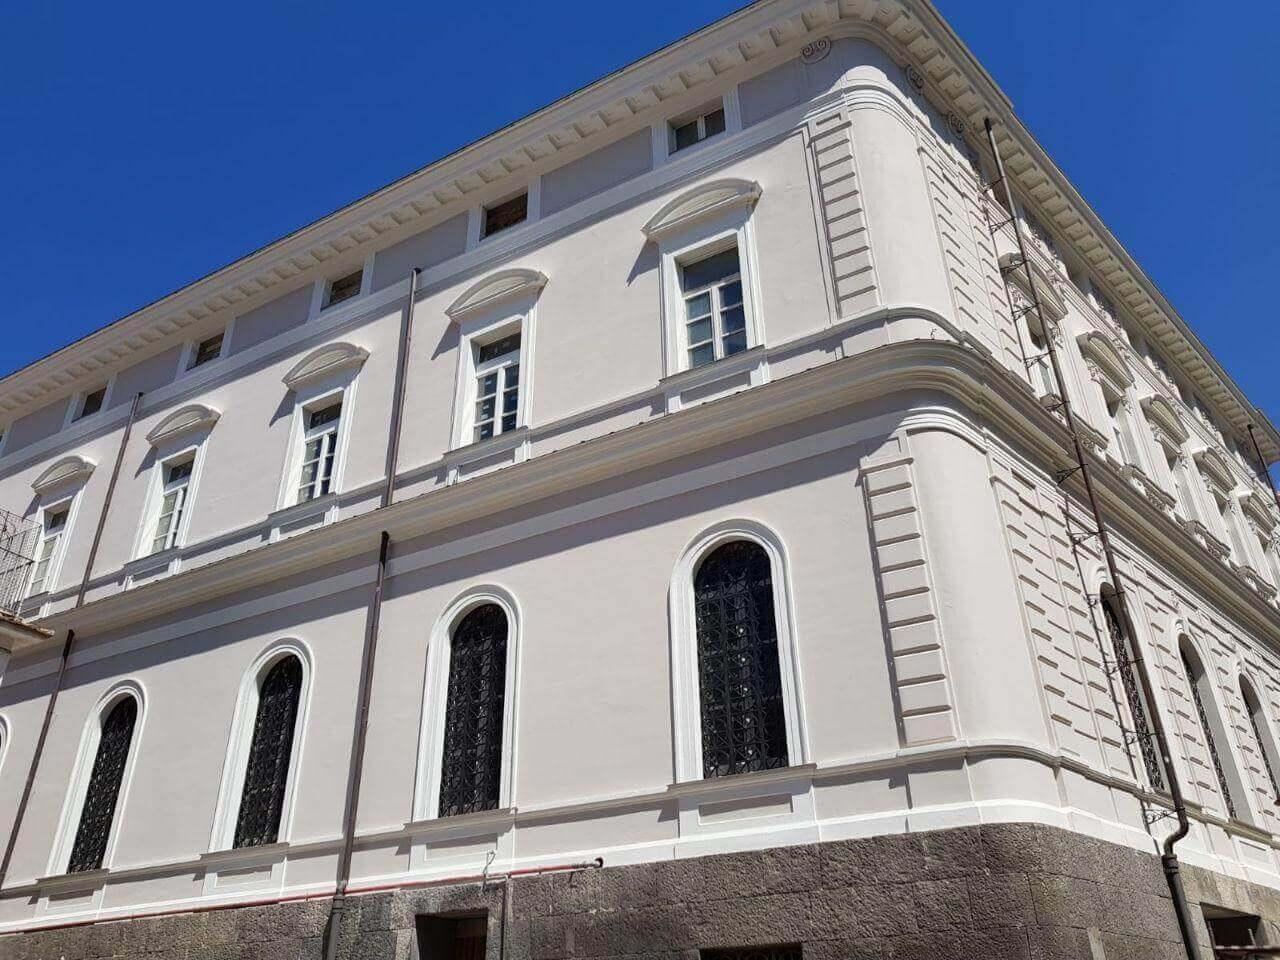 restauro immobile di prestigio salerno martini costruzioni (8)